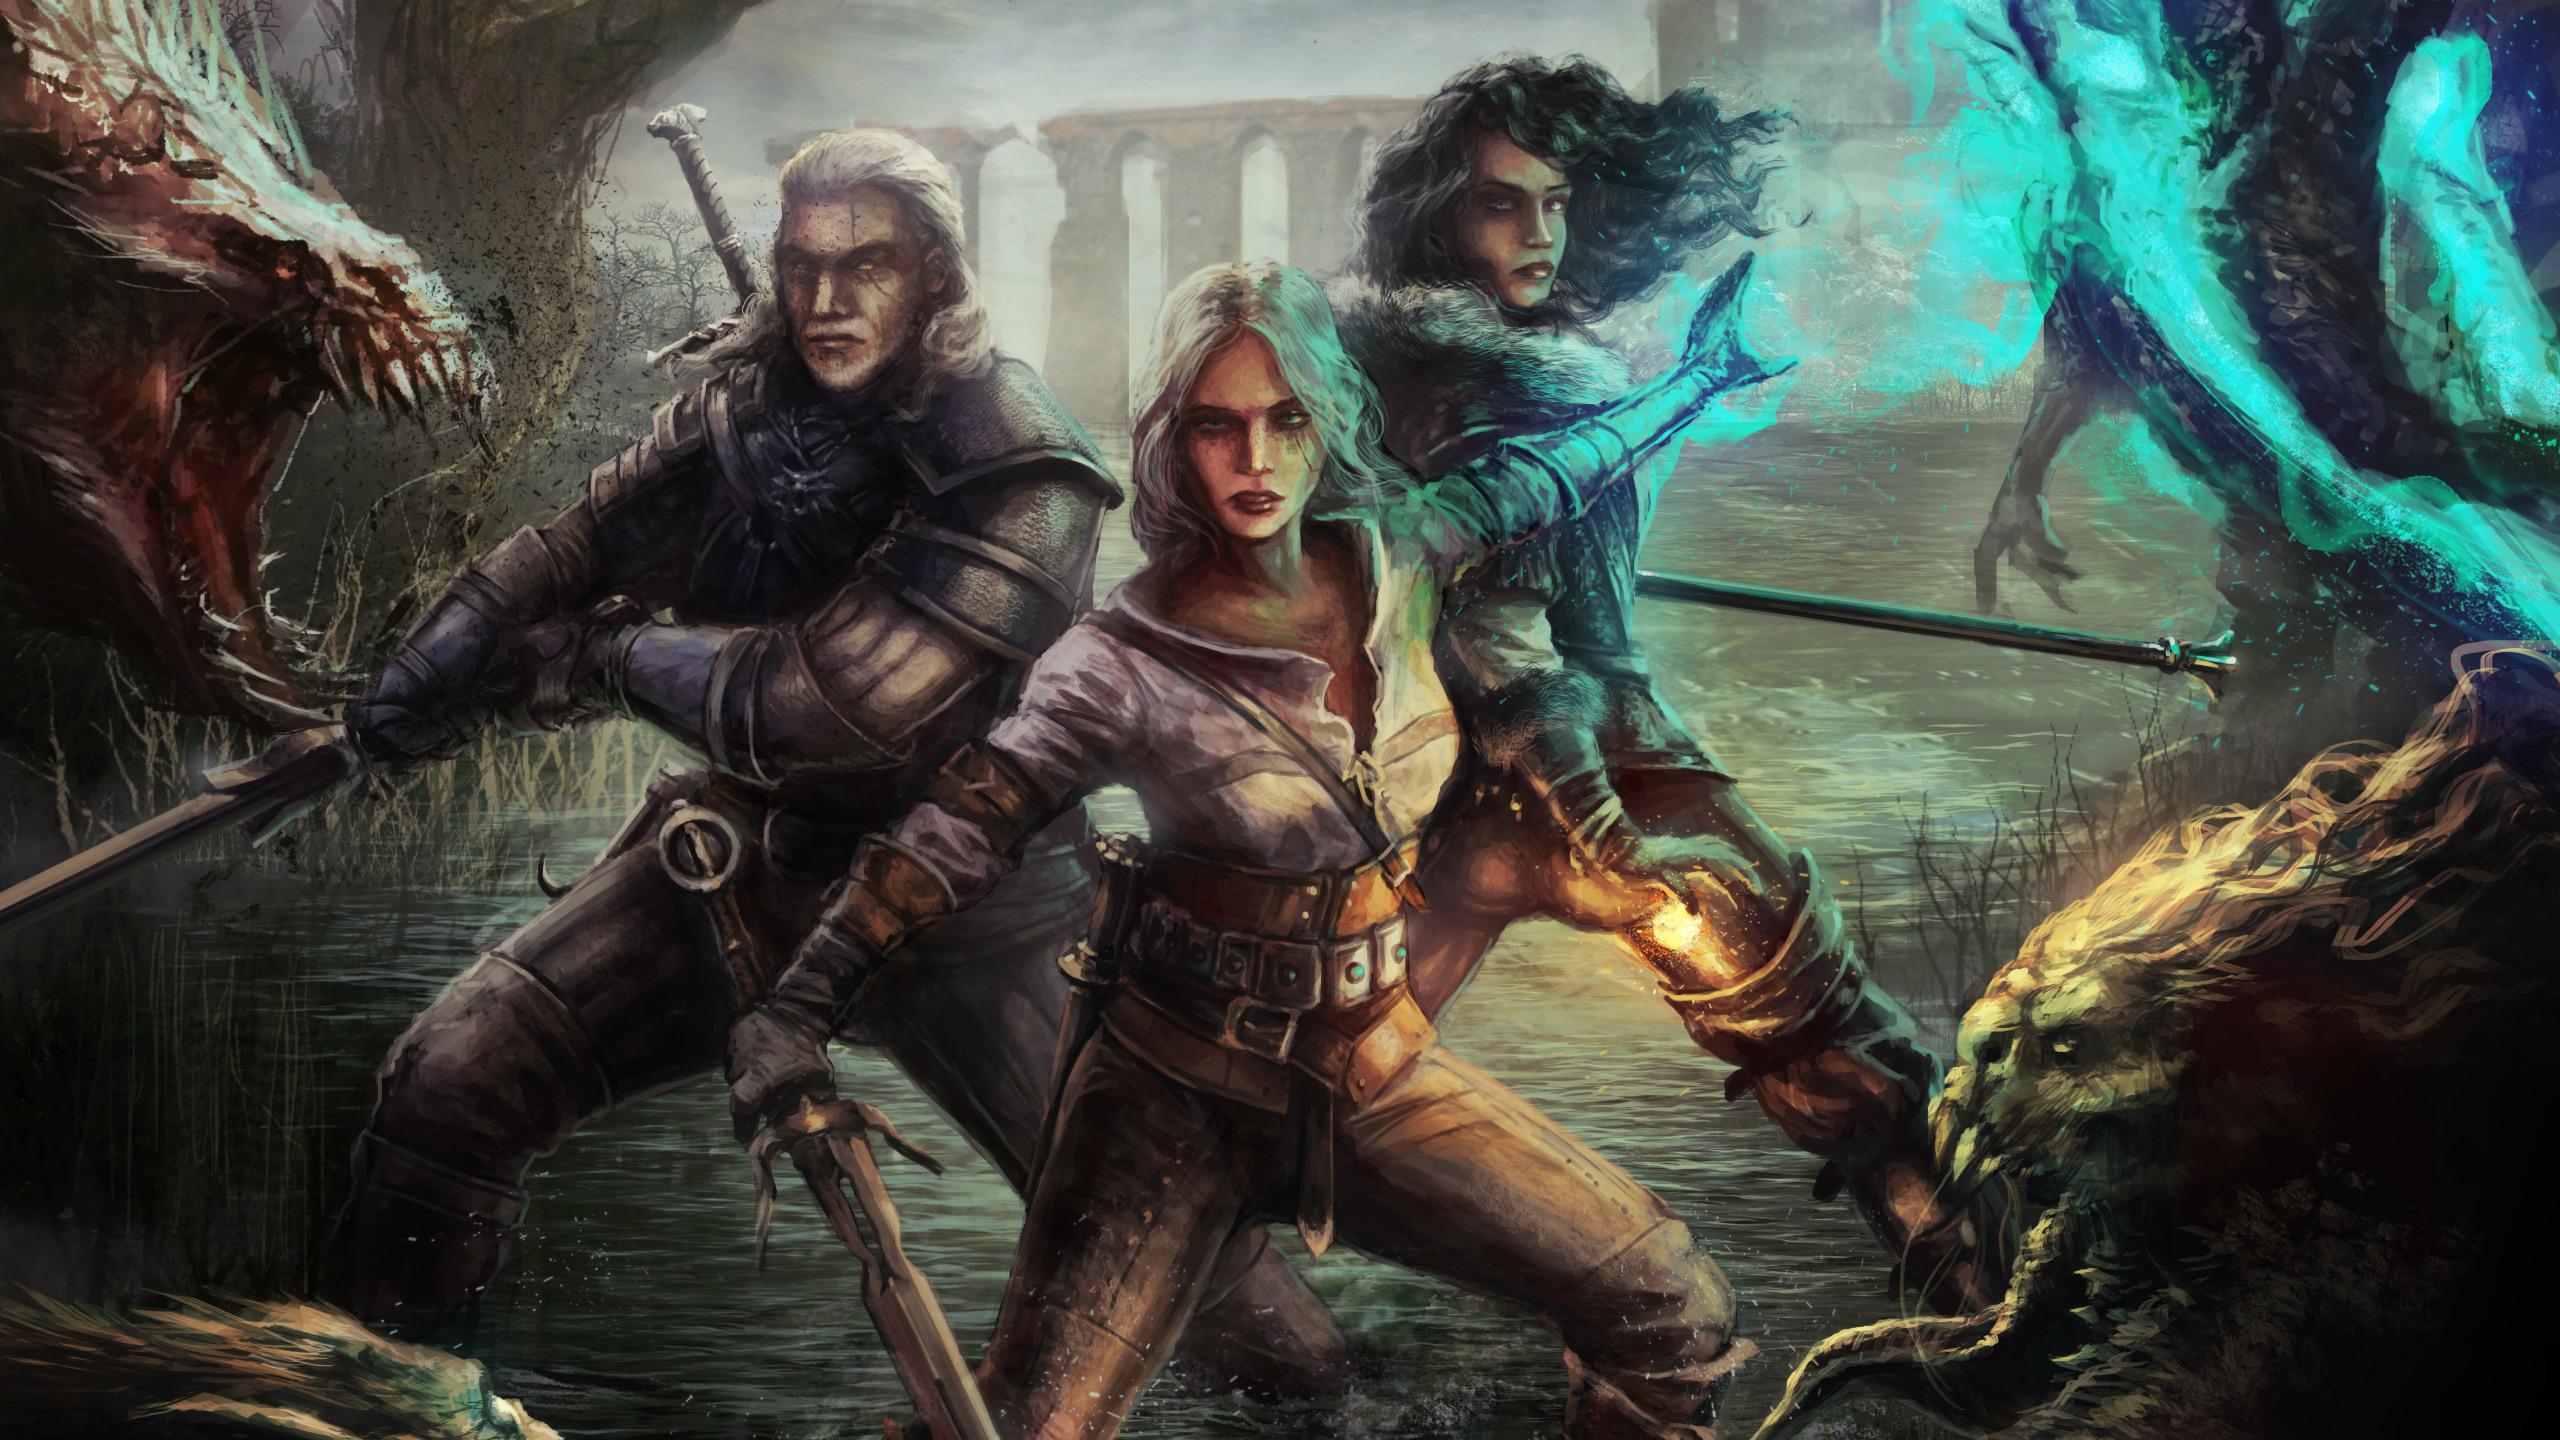 2560x1440 Witcher 3 Wild Hunt Geralt Yen And Ciri 1440P Resolution 2560x1440